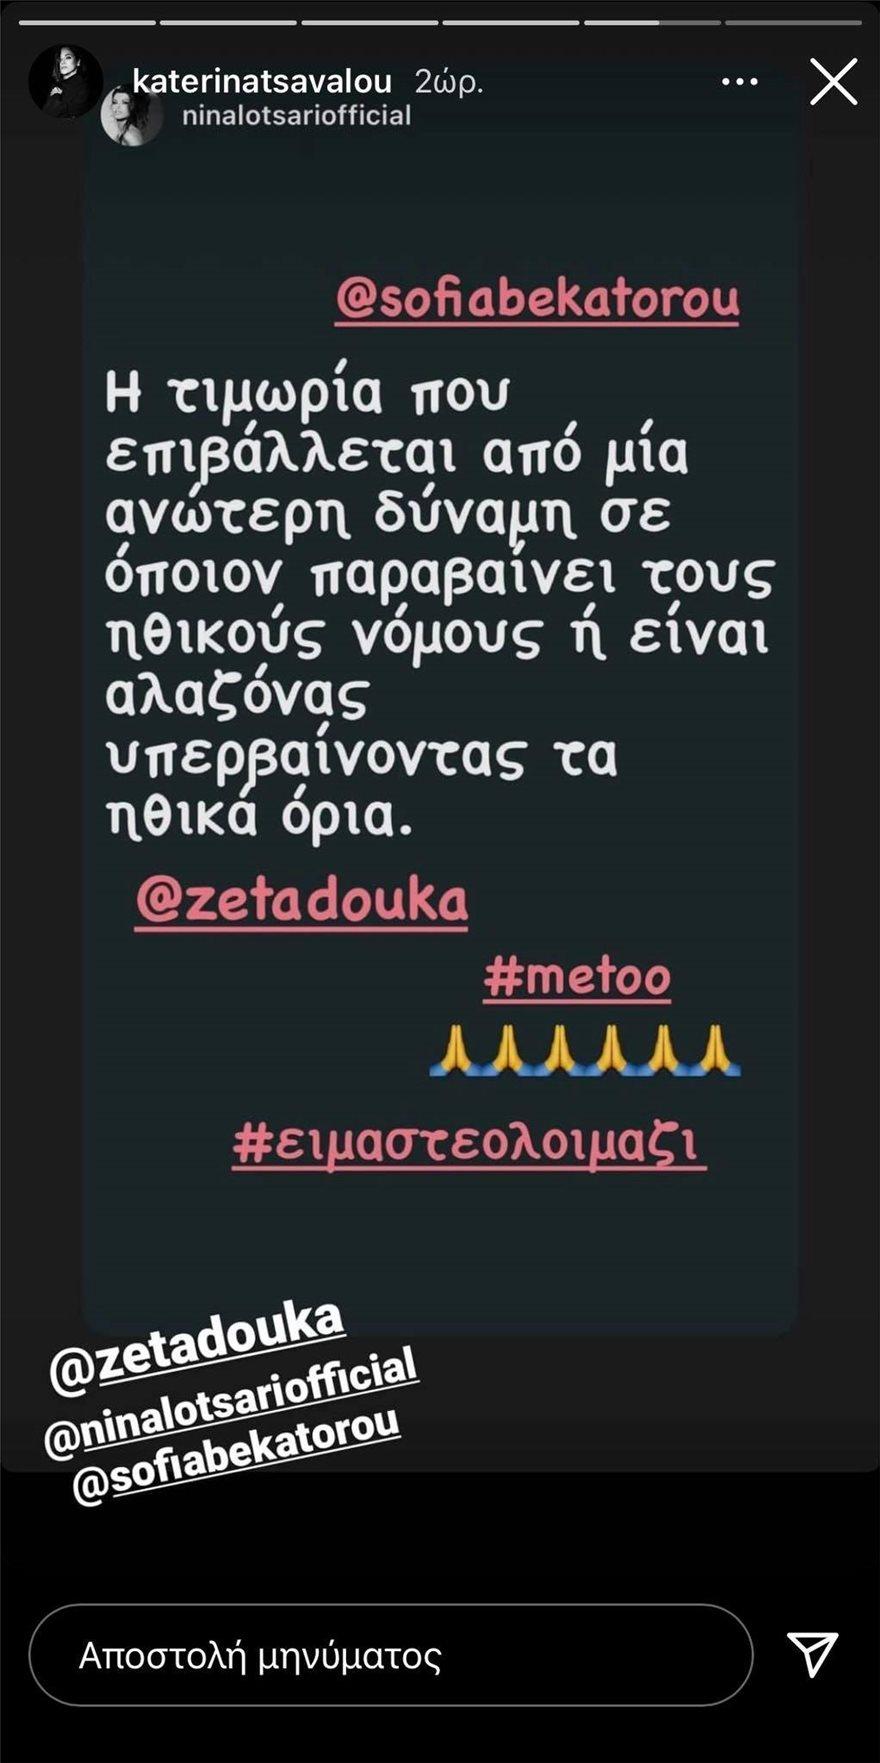 katerina_tsavalou